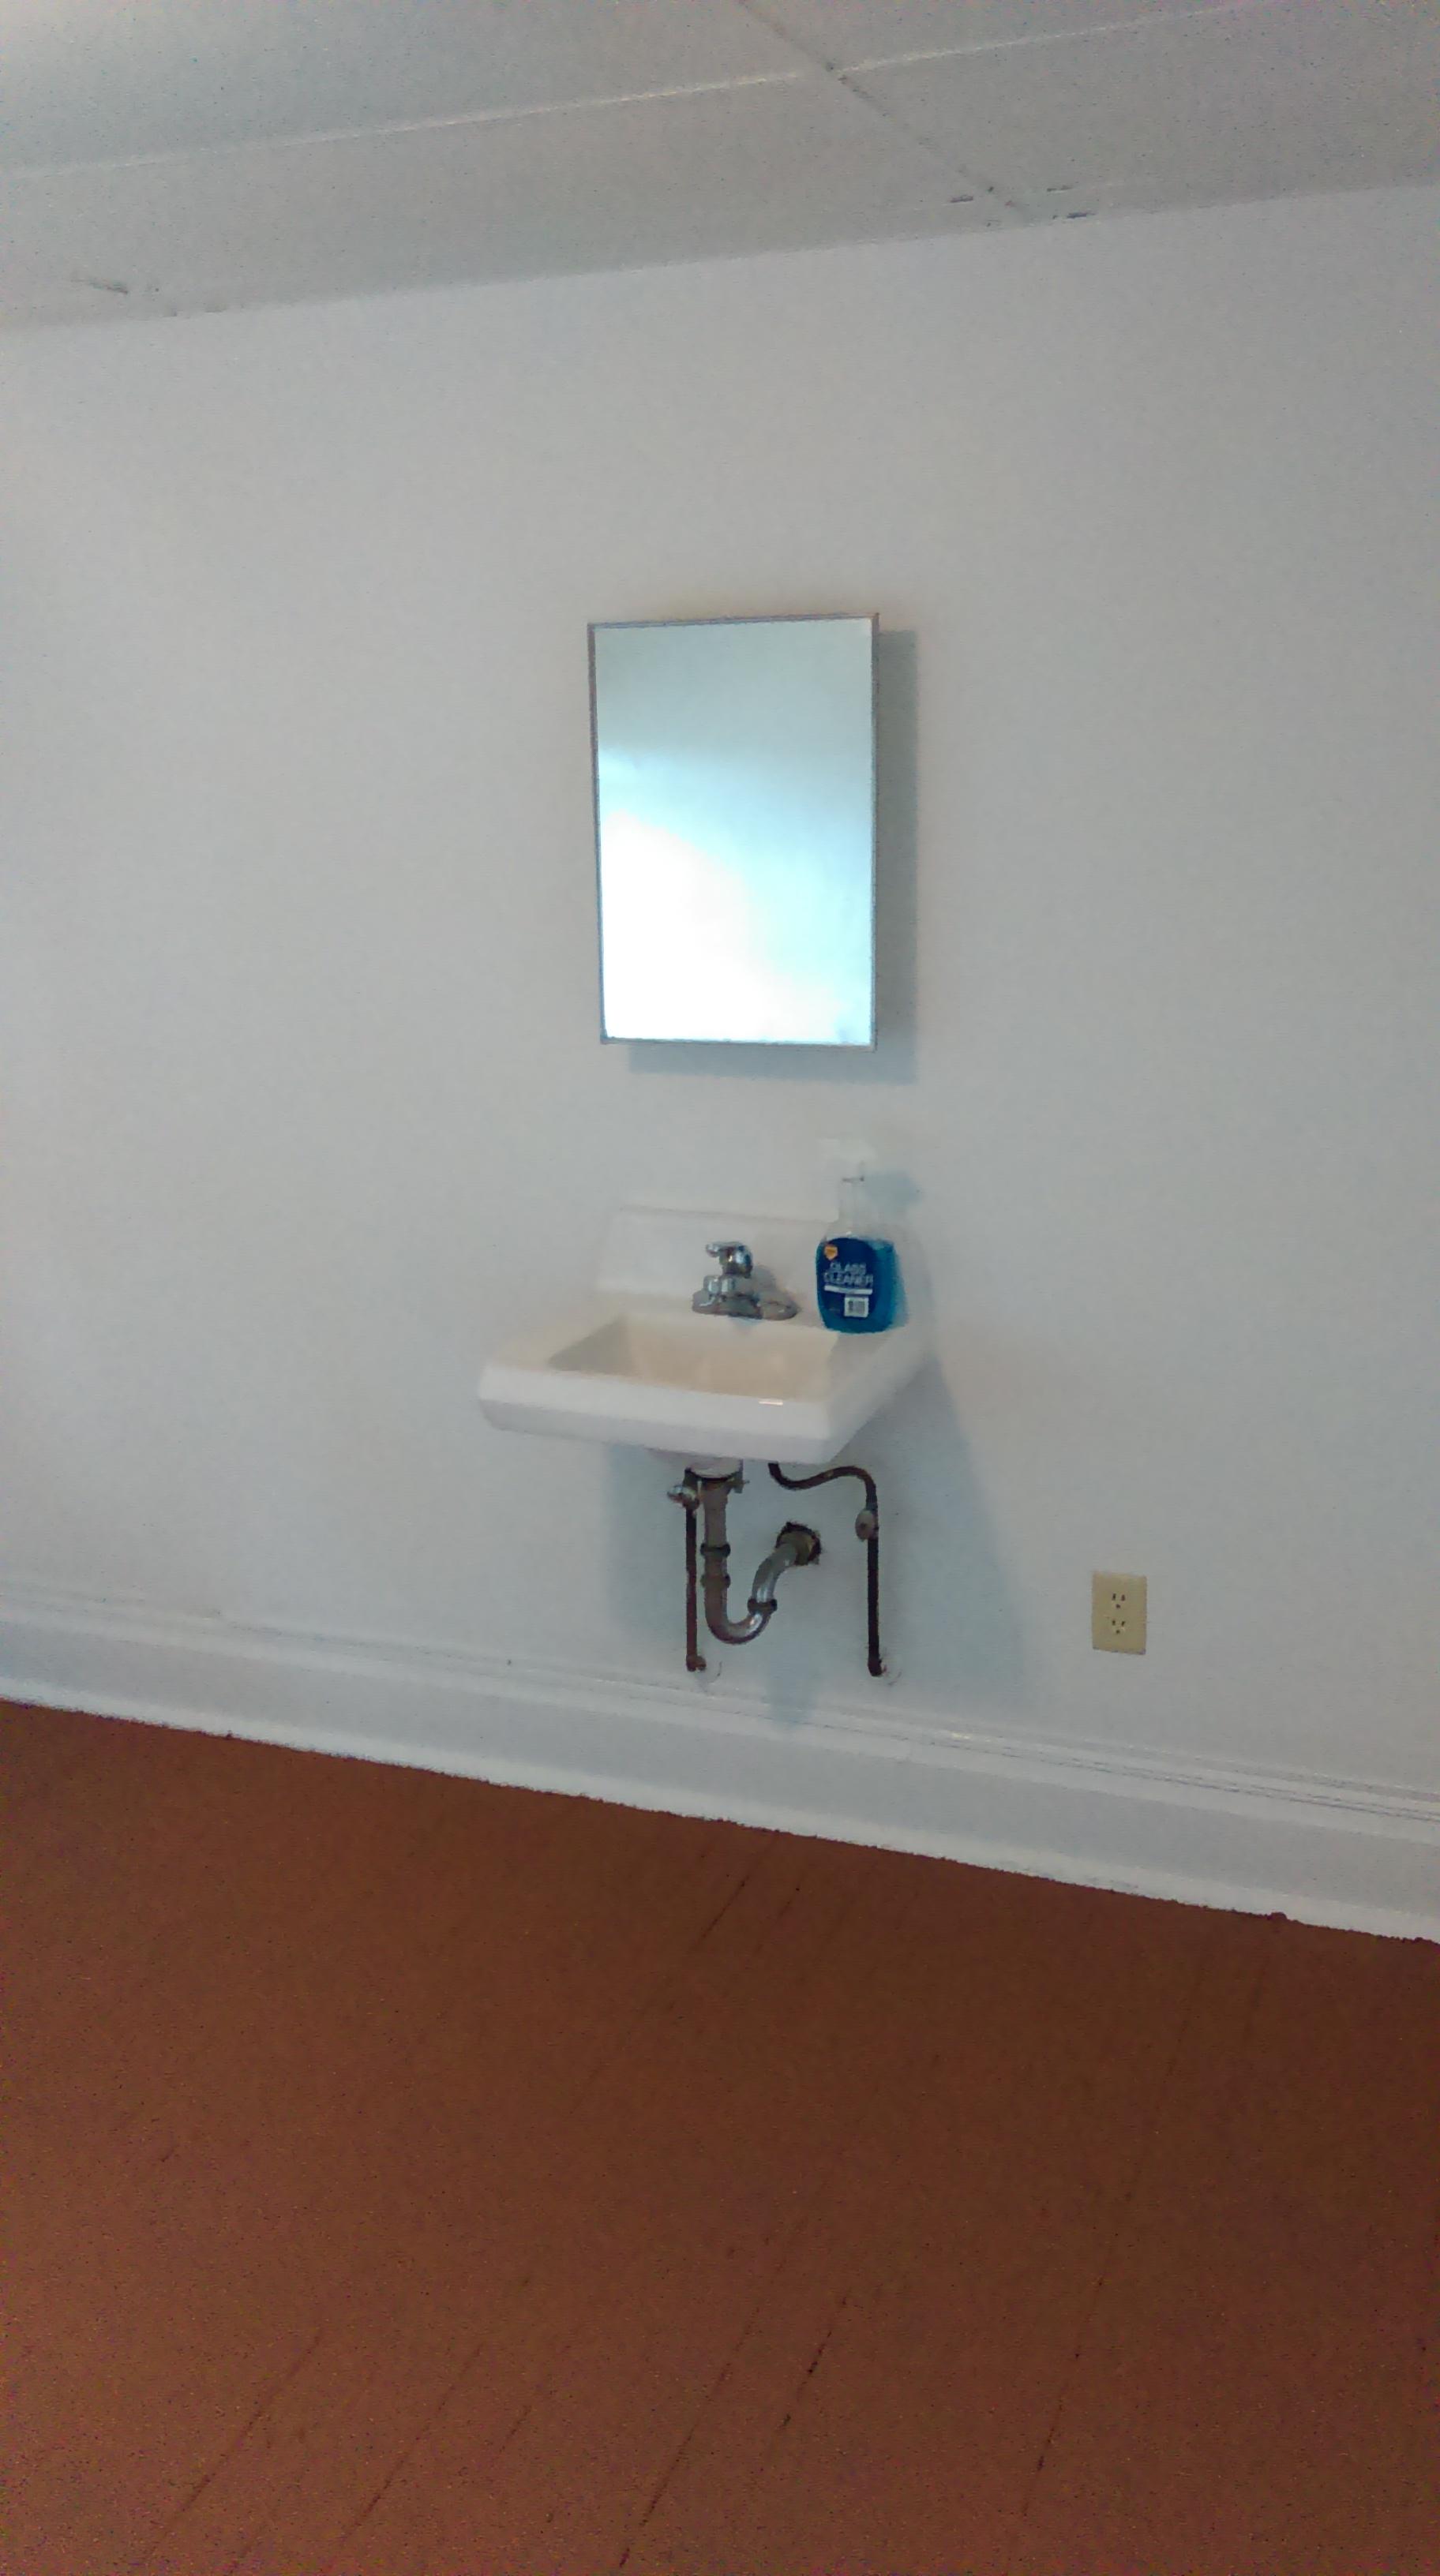 Janzen Room #3-10 IMAG0591.jpg